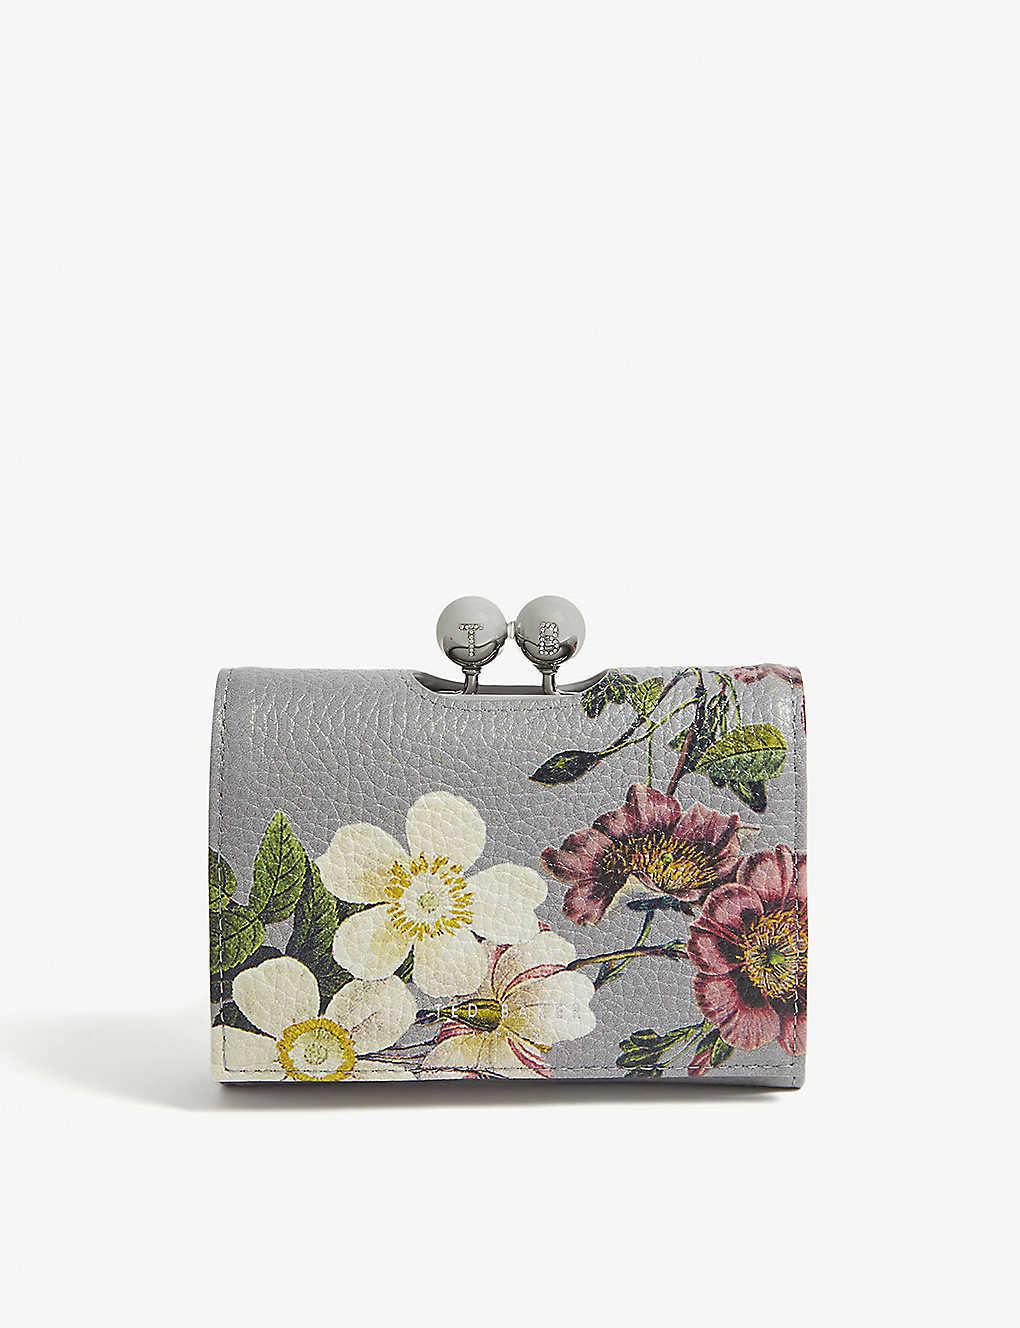 c6cc6c3df6db TED BAKER - Abilia mini floral leather purse | Selfridges.com